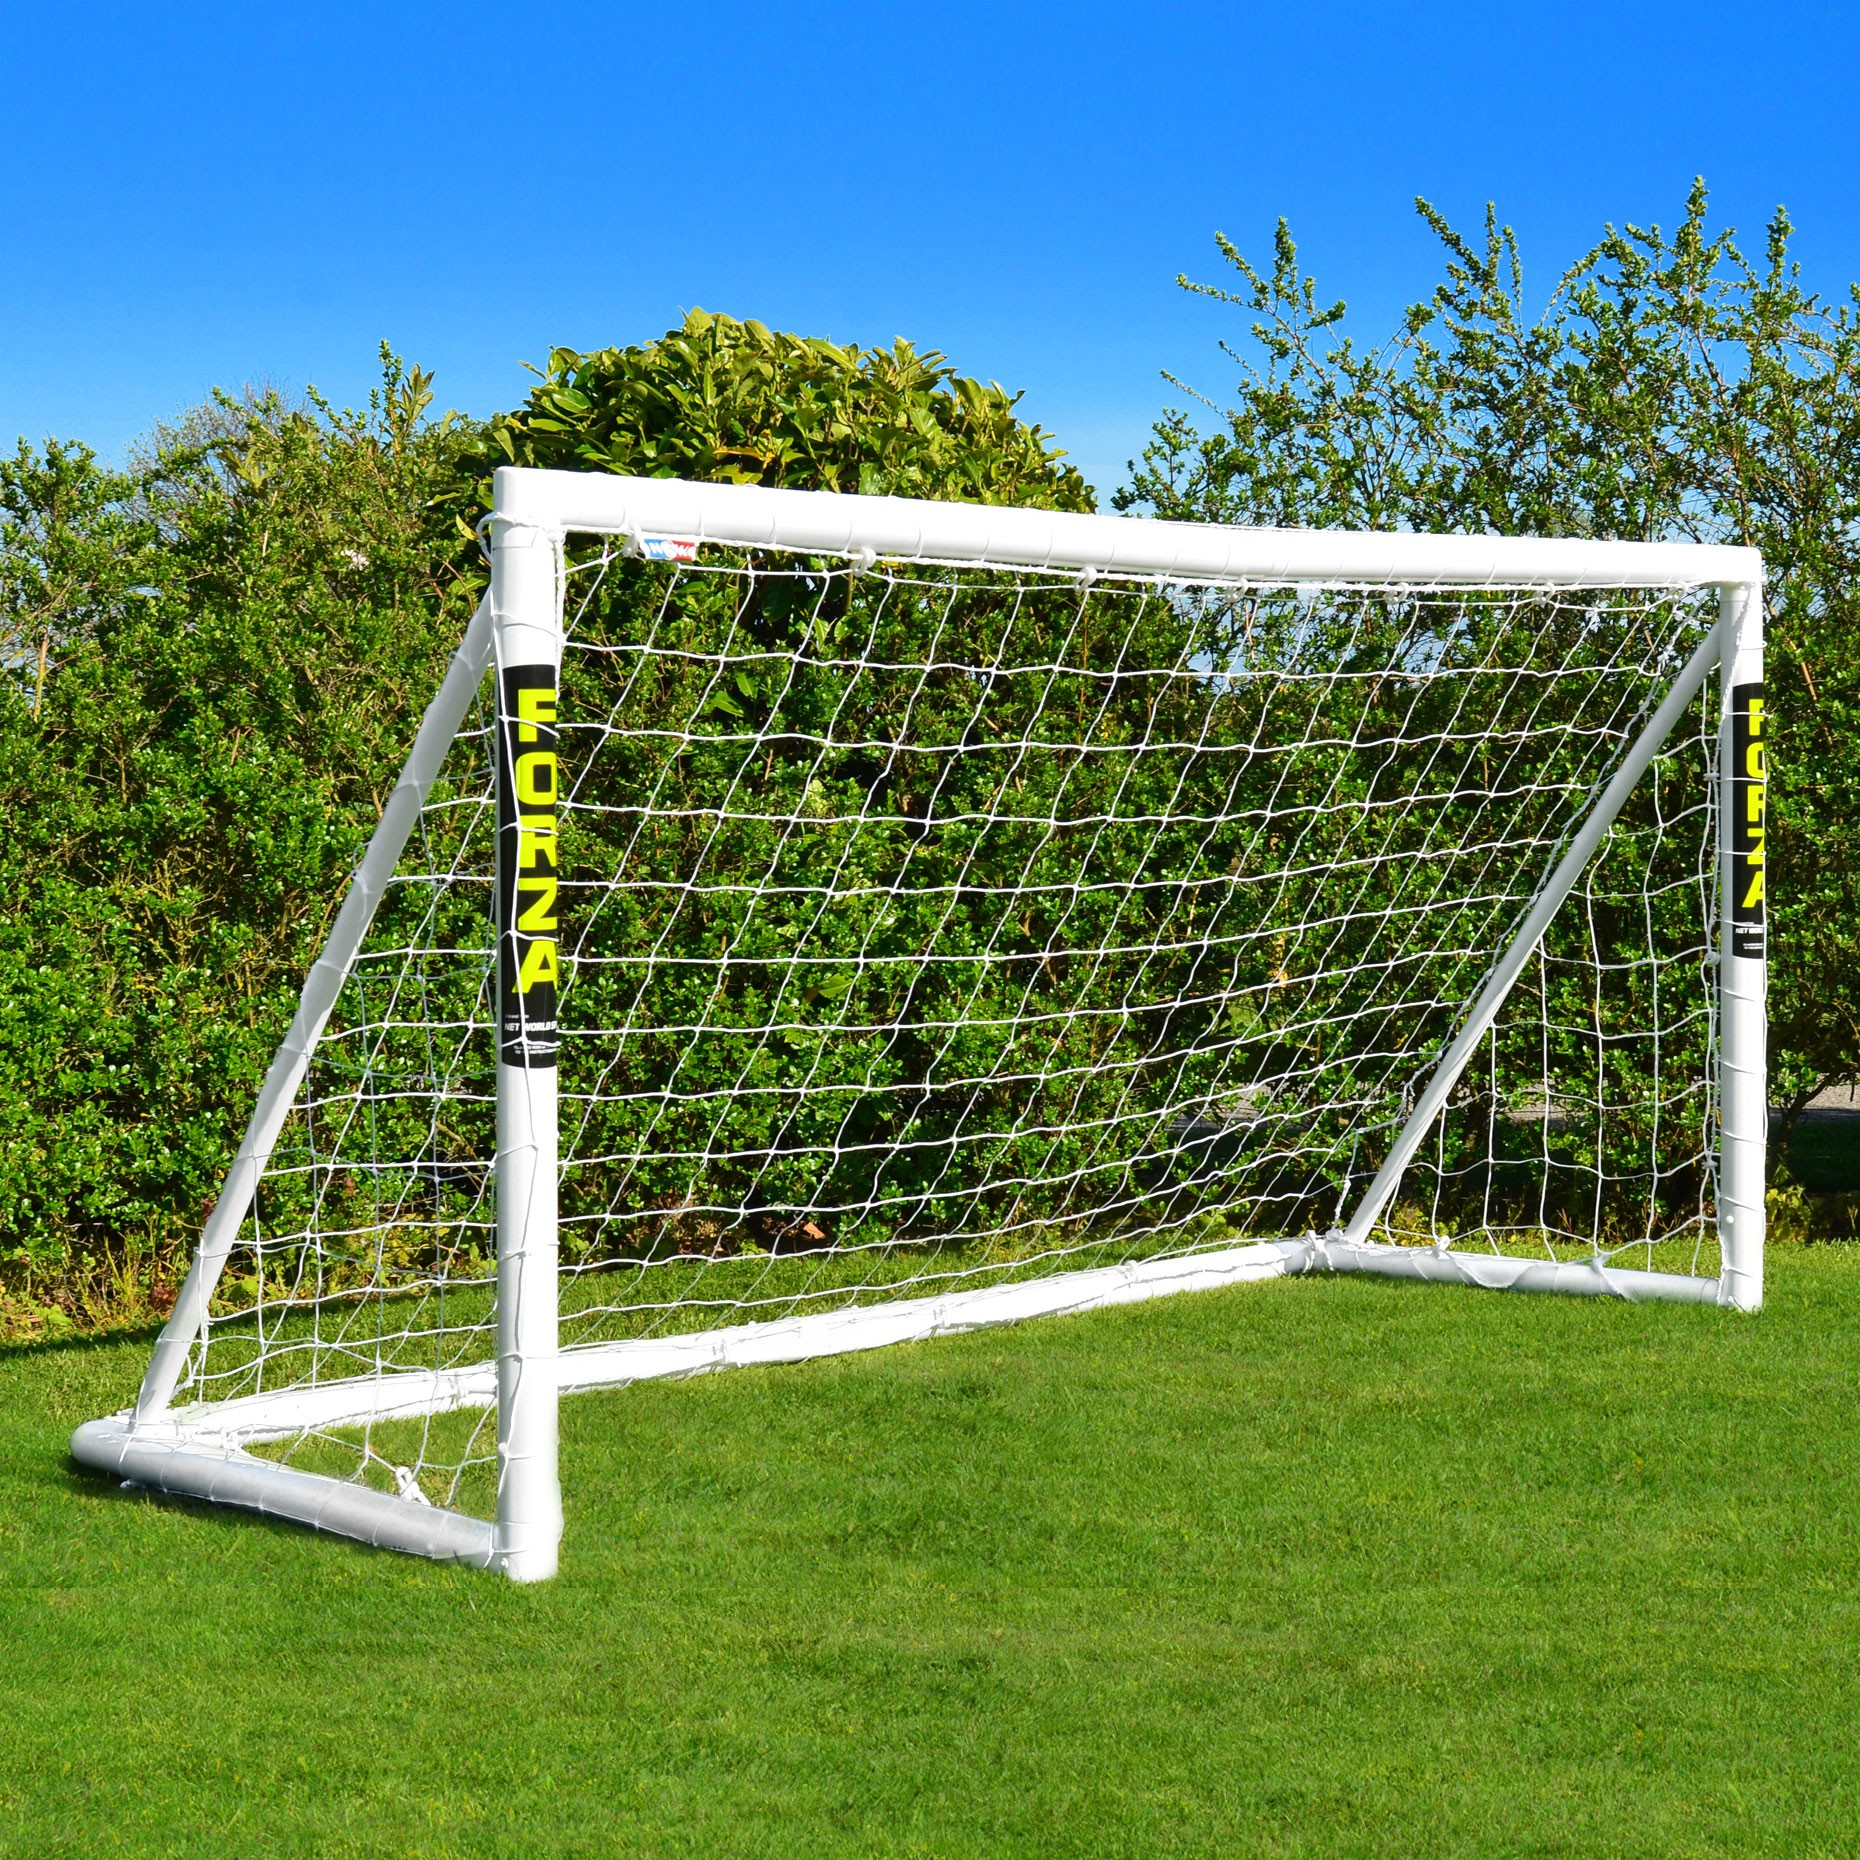 fodboldm l forza winner 2 4 x 1 2 m spil fodbold i haven. Black Bedroom Furniture Sets. Home Design Ideas